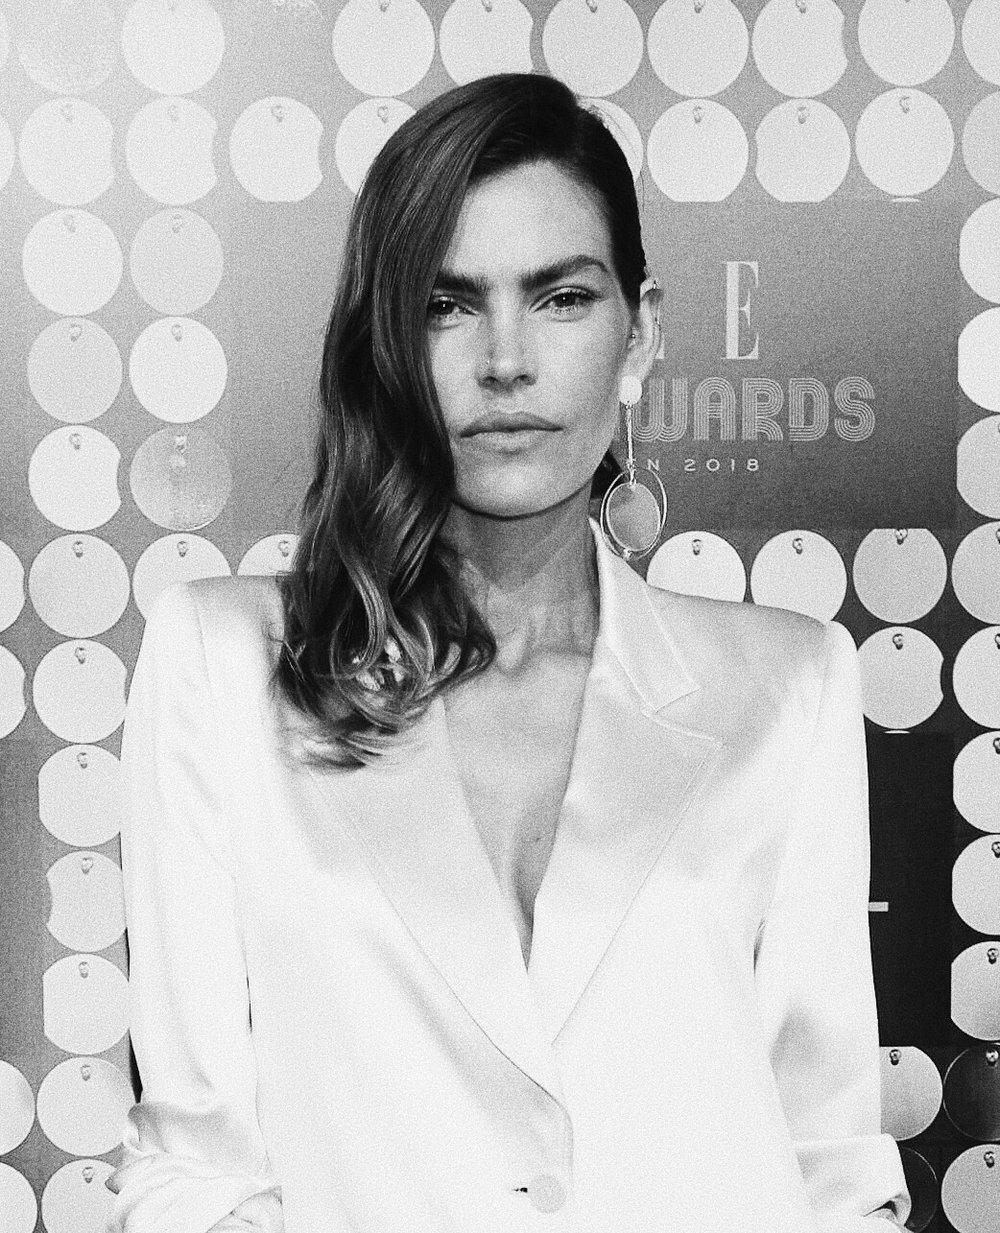 Lykke+May+Andersen+ELLE+Style+Awards+2018+03.JPG